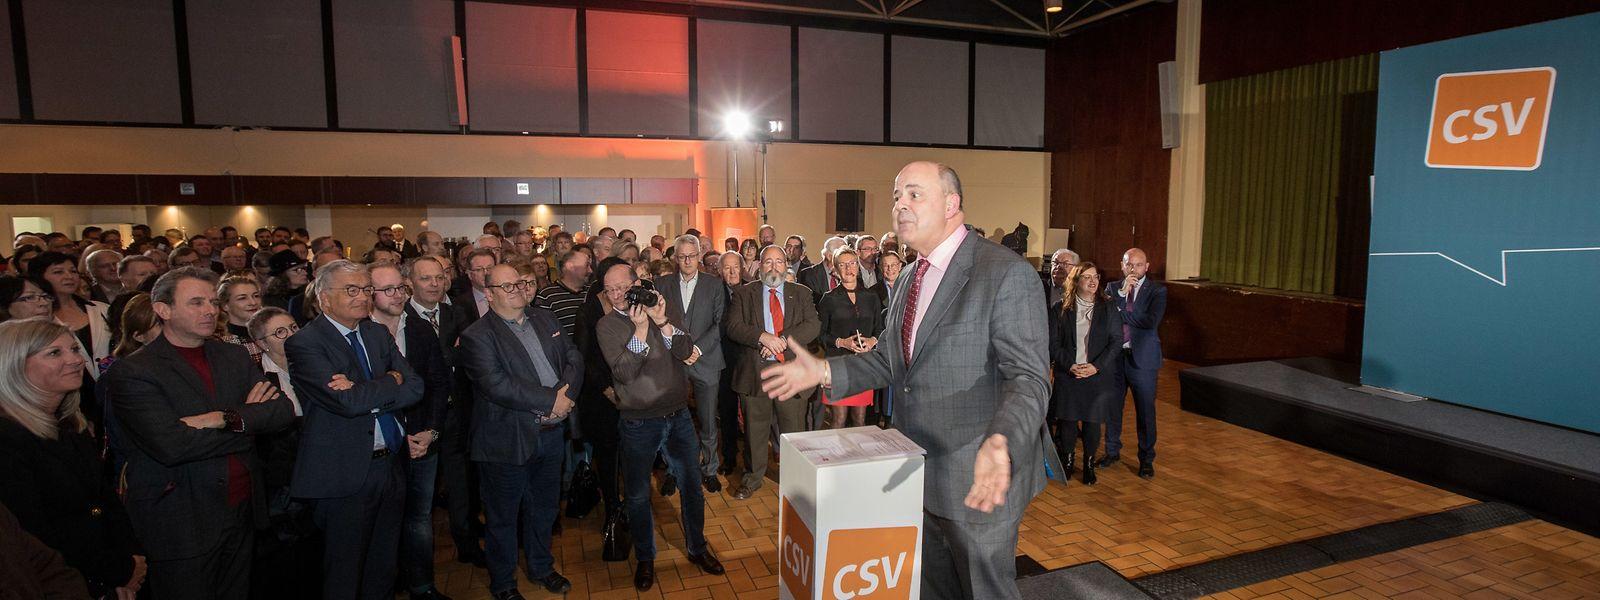 Der scheidende Parteivorsitzende Marc Spautz bei seiner Rede beim Neujahrsempfang der CSV.